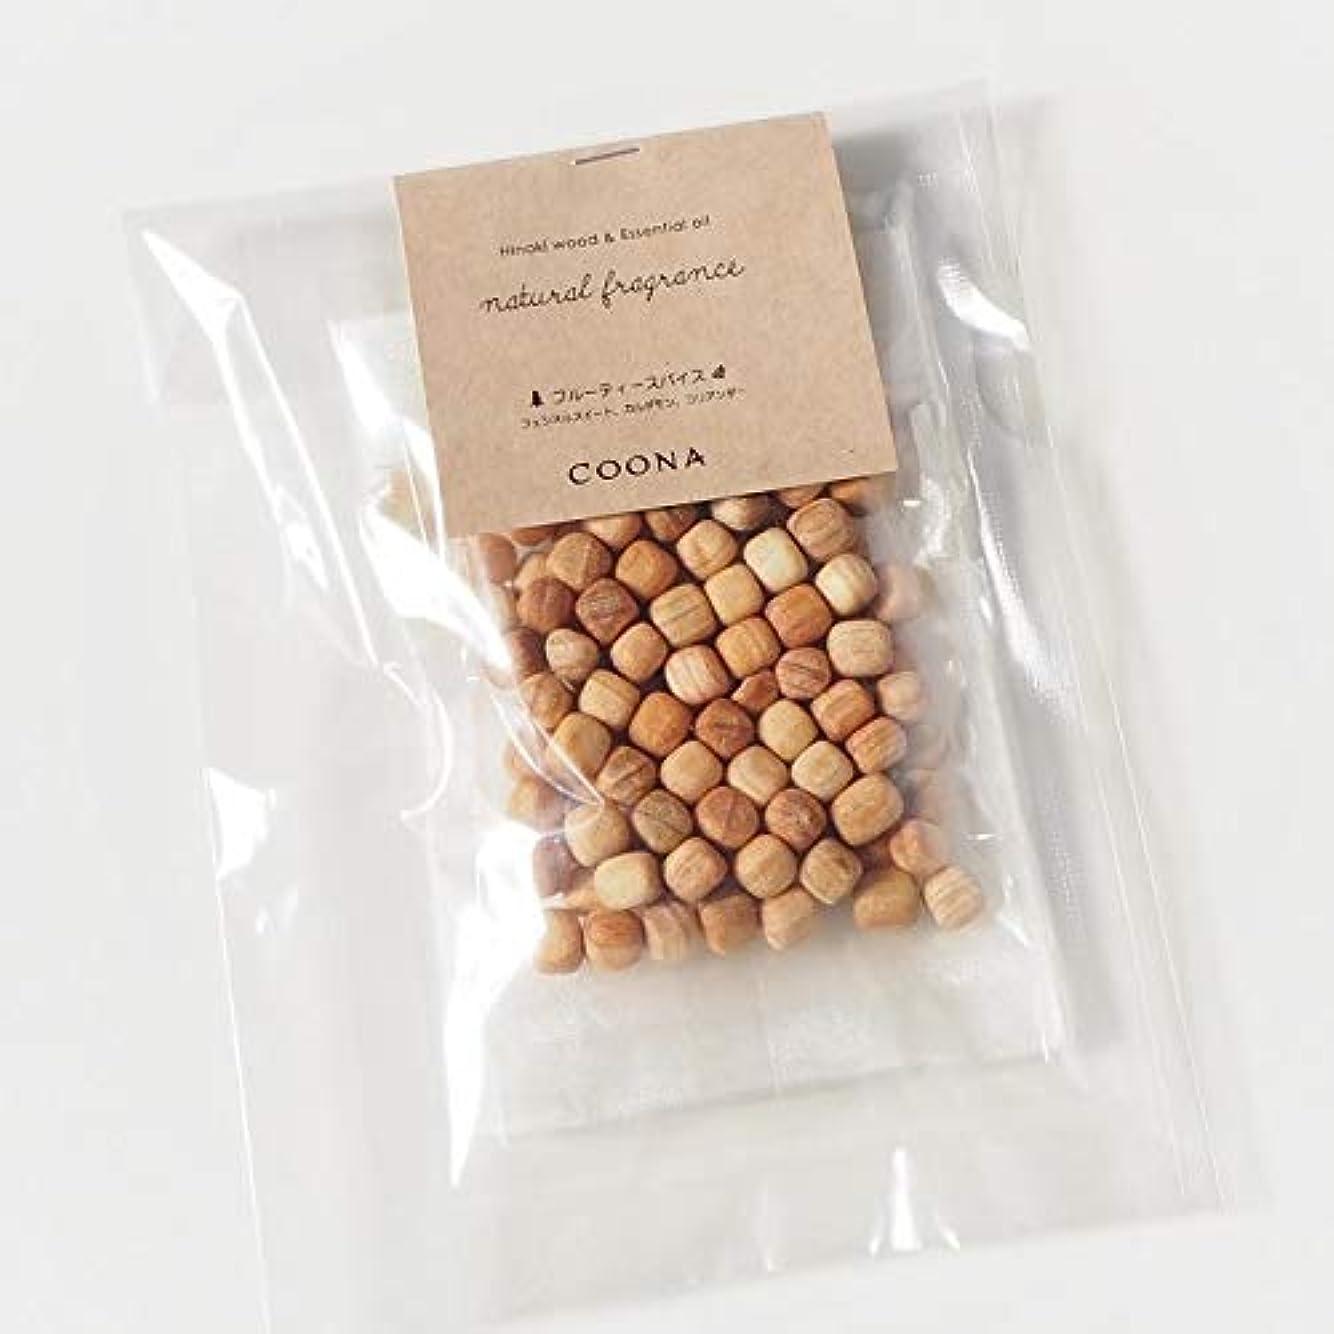 連続的燃料温かいヒノキ ウッド& エッセンシャルオイル ナチュラルフレグランス (オーガンジーバッグ付き, 樹の香り)